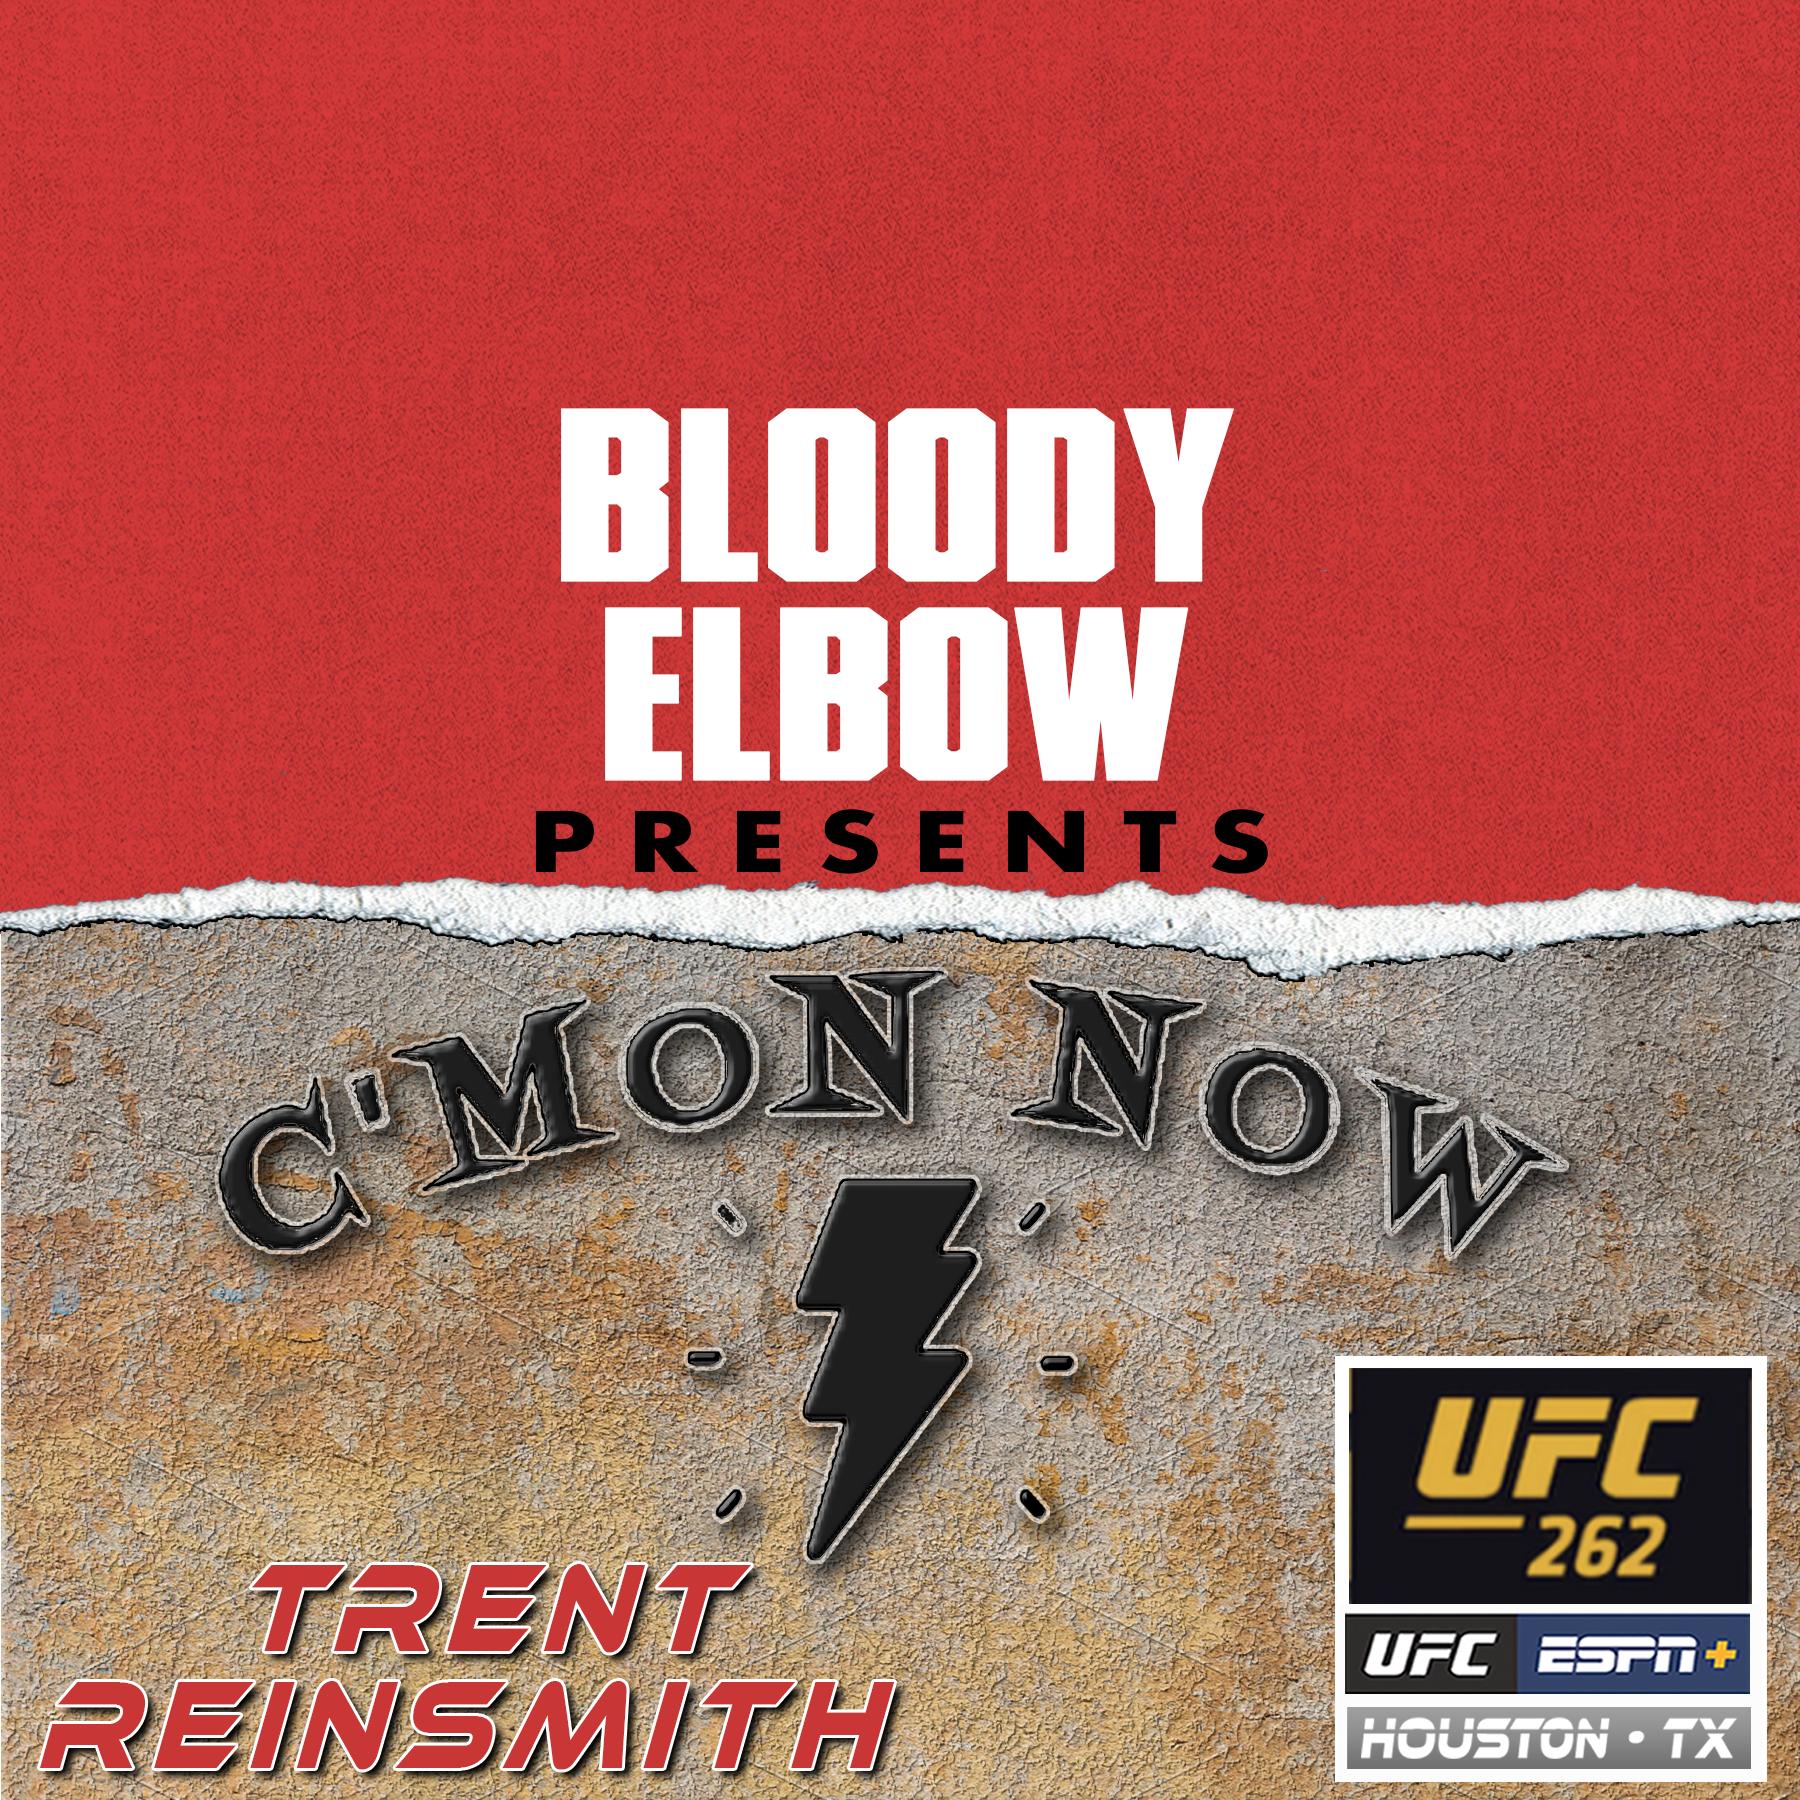 Best of the C'Mon Now MMA Podcast, C'Mon Now, MMA Podcast, UFC Podcast, UFC editorial, UFC news, UFC 262, Charles Oliveira vs Michael Chandler, Dana White, Jon Jones